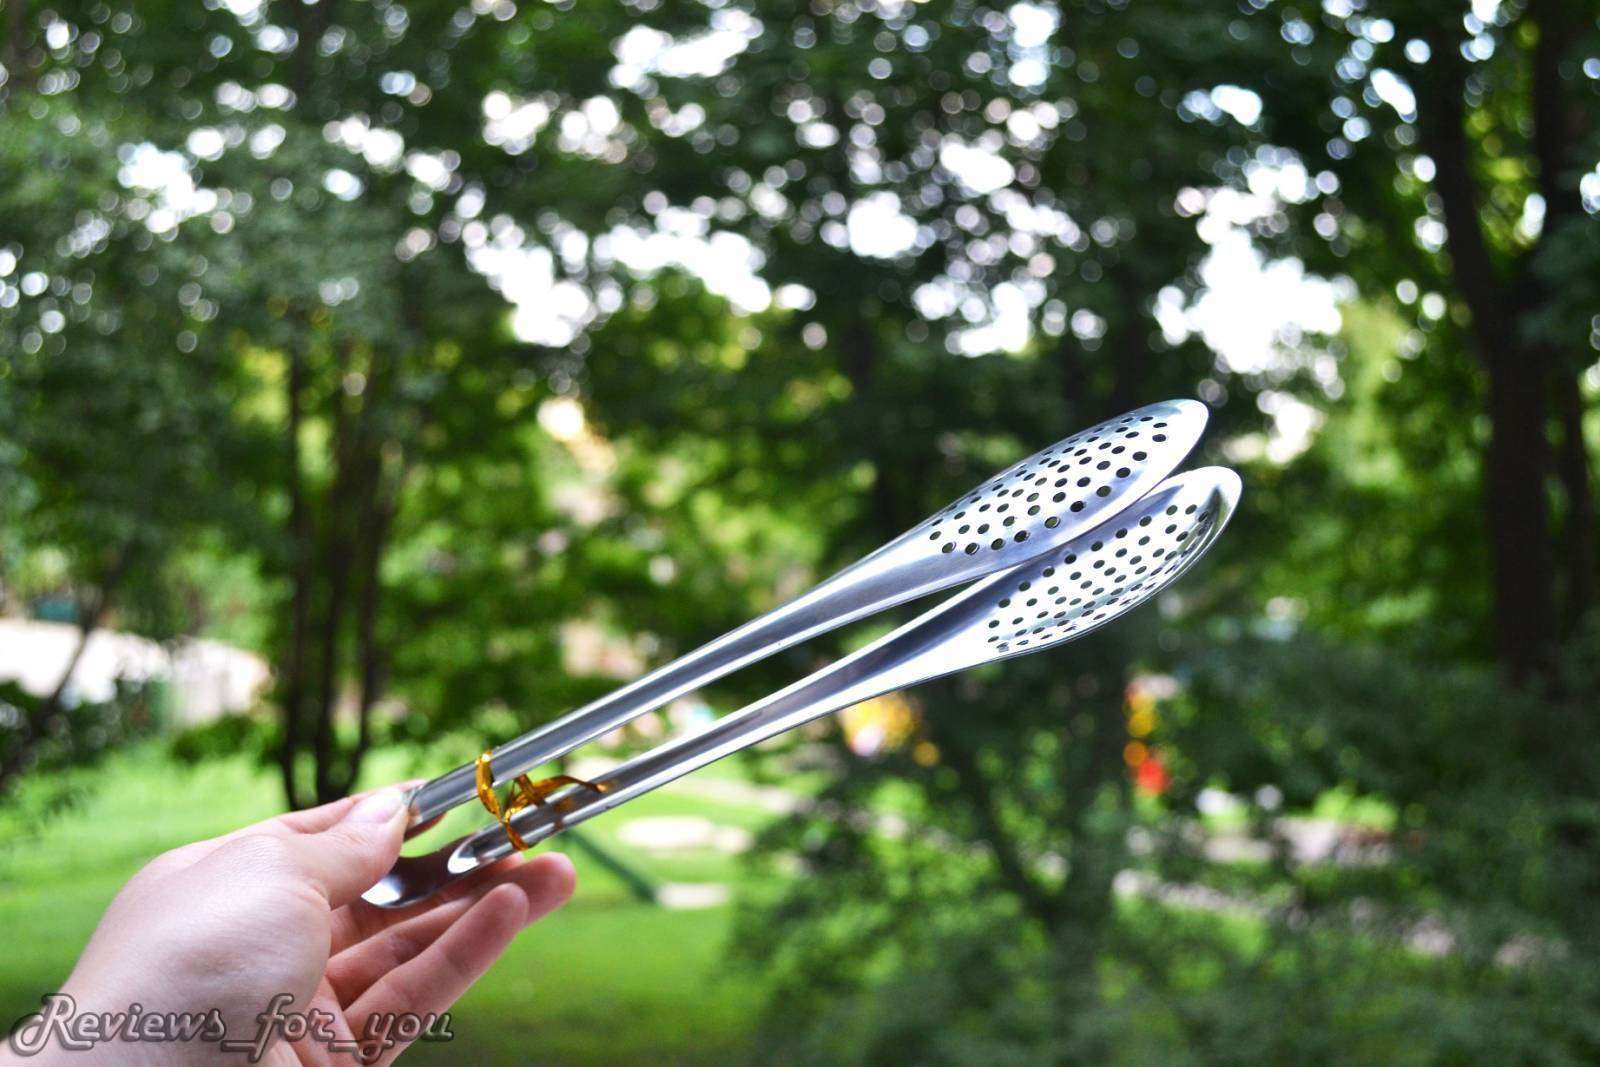 Aliexpress: 'Щипцы кондитерские большие', нужная штука для накладывания/переворачивания продуктов